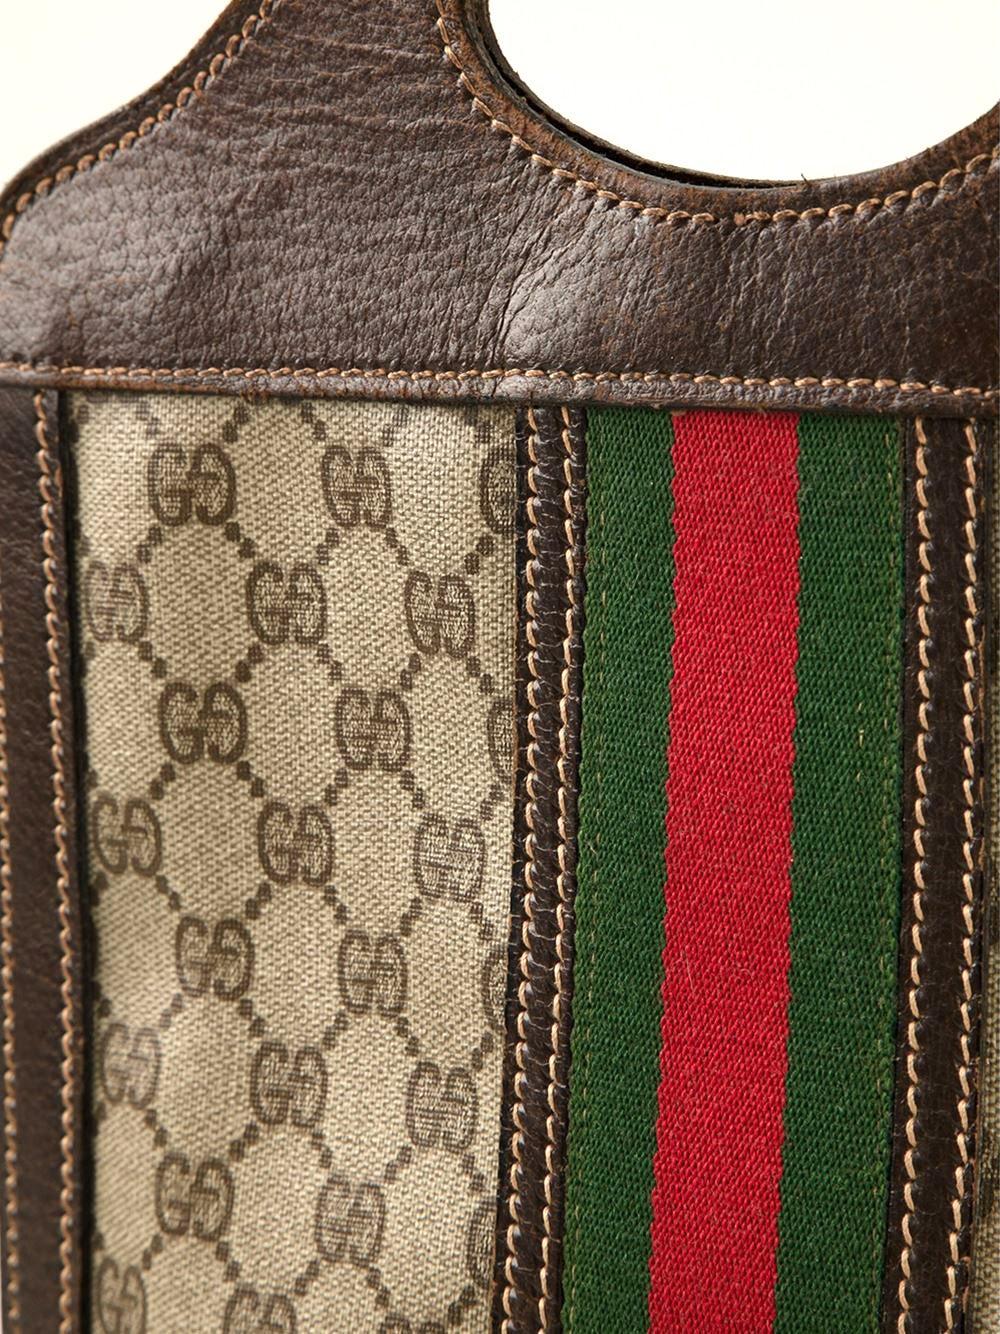 Black 1970s Gucci Tote Bag